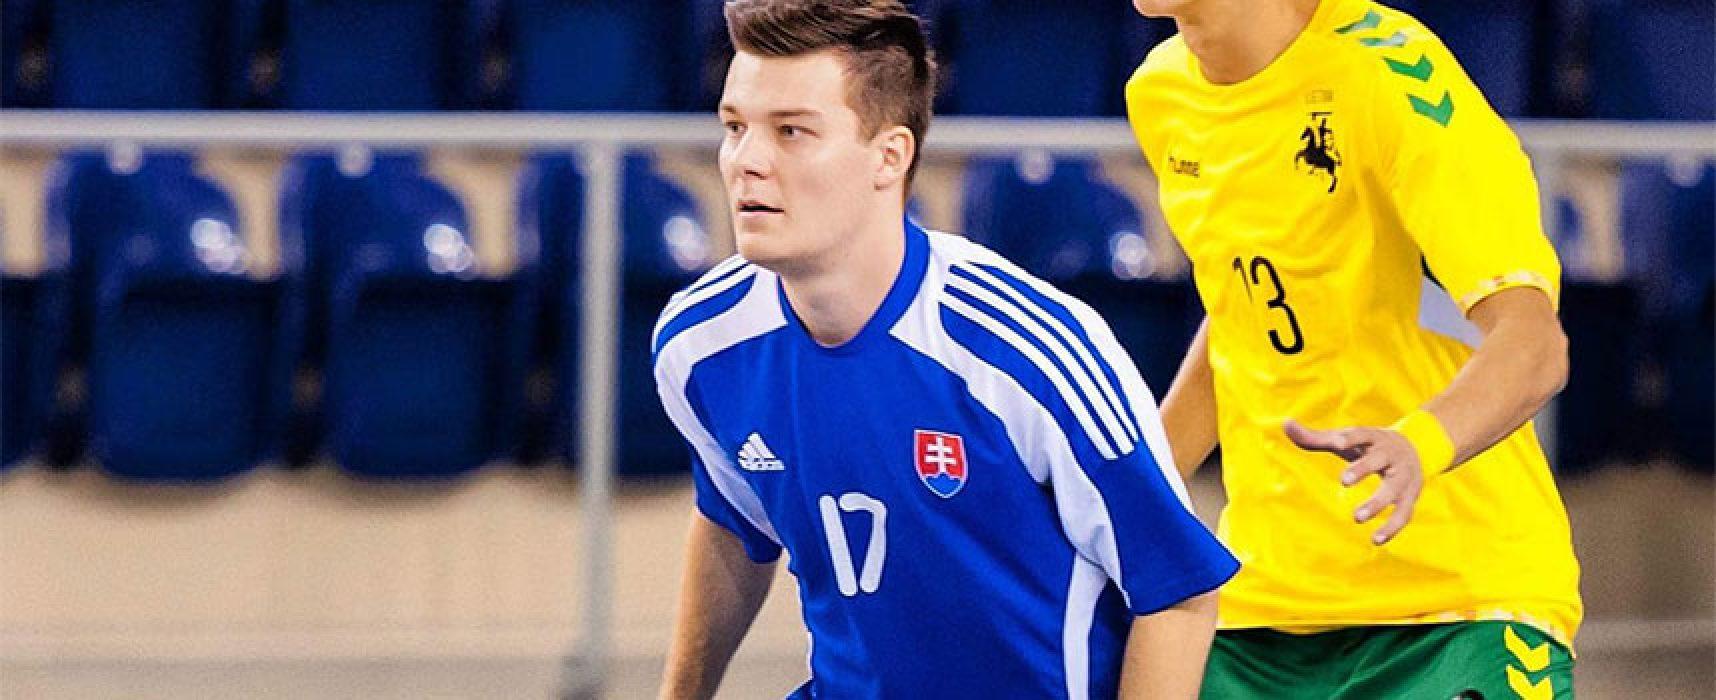 Lo slovacco Turek altro tassello del Futsal Bisceglie in attesa del ripescaggio in A2